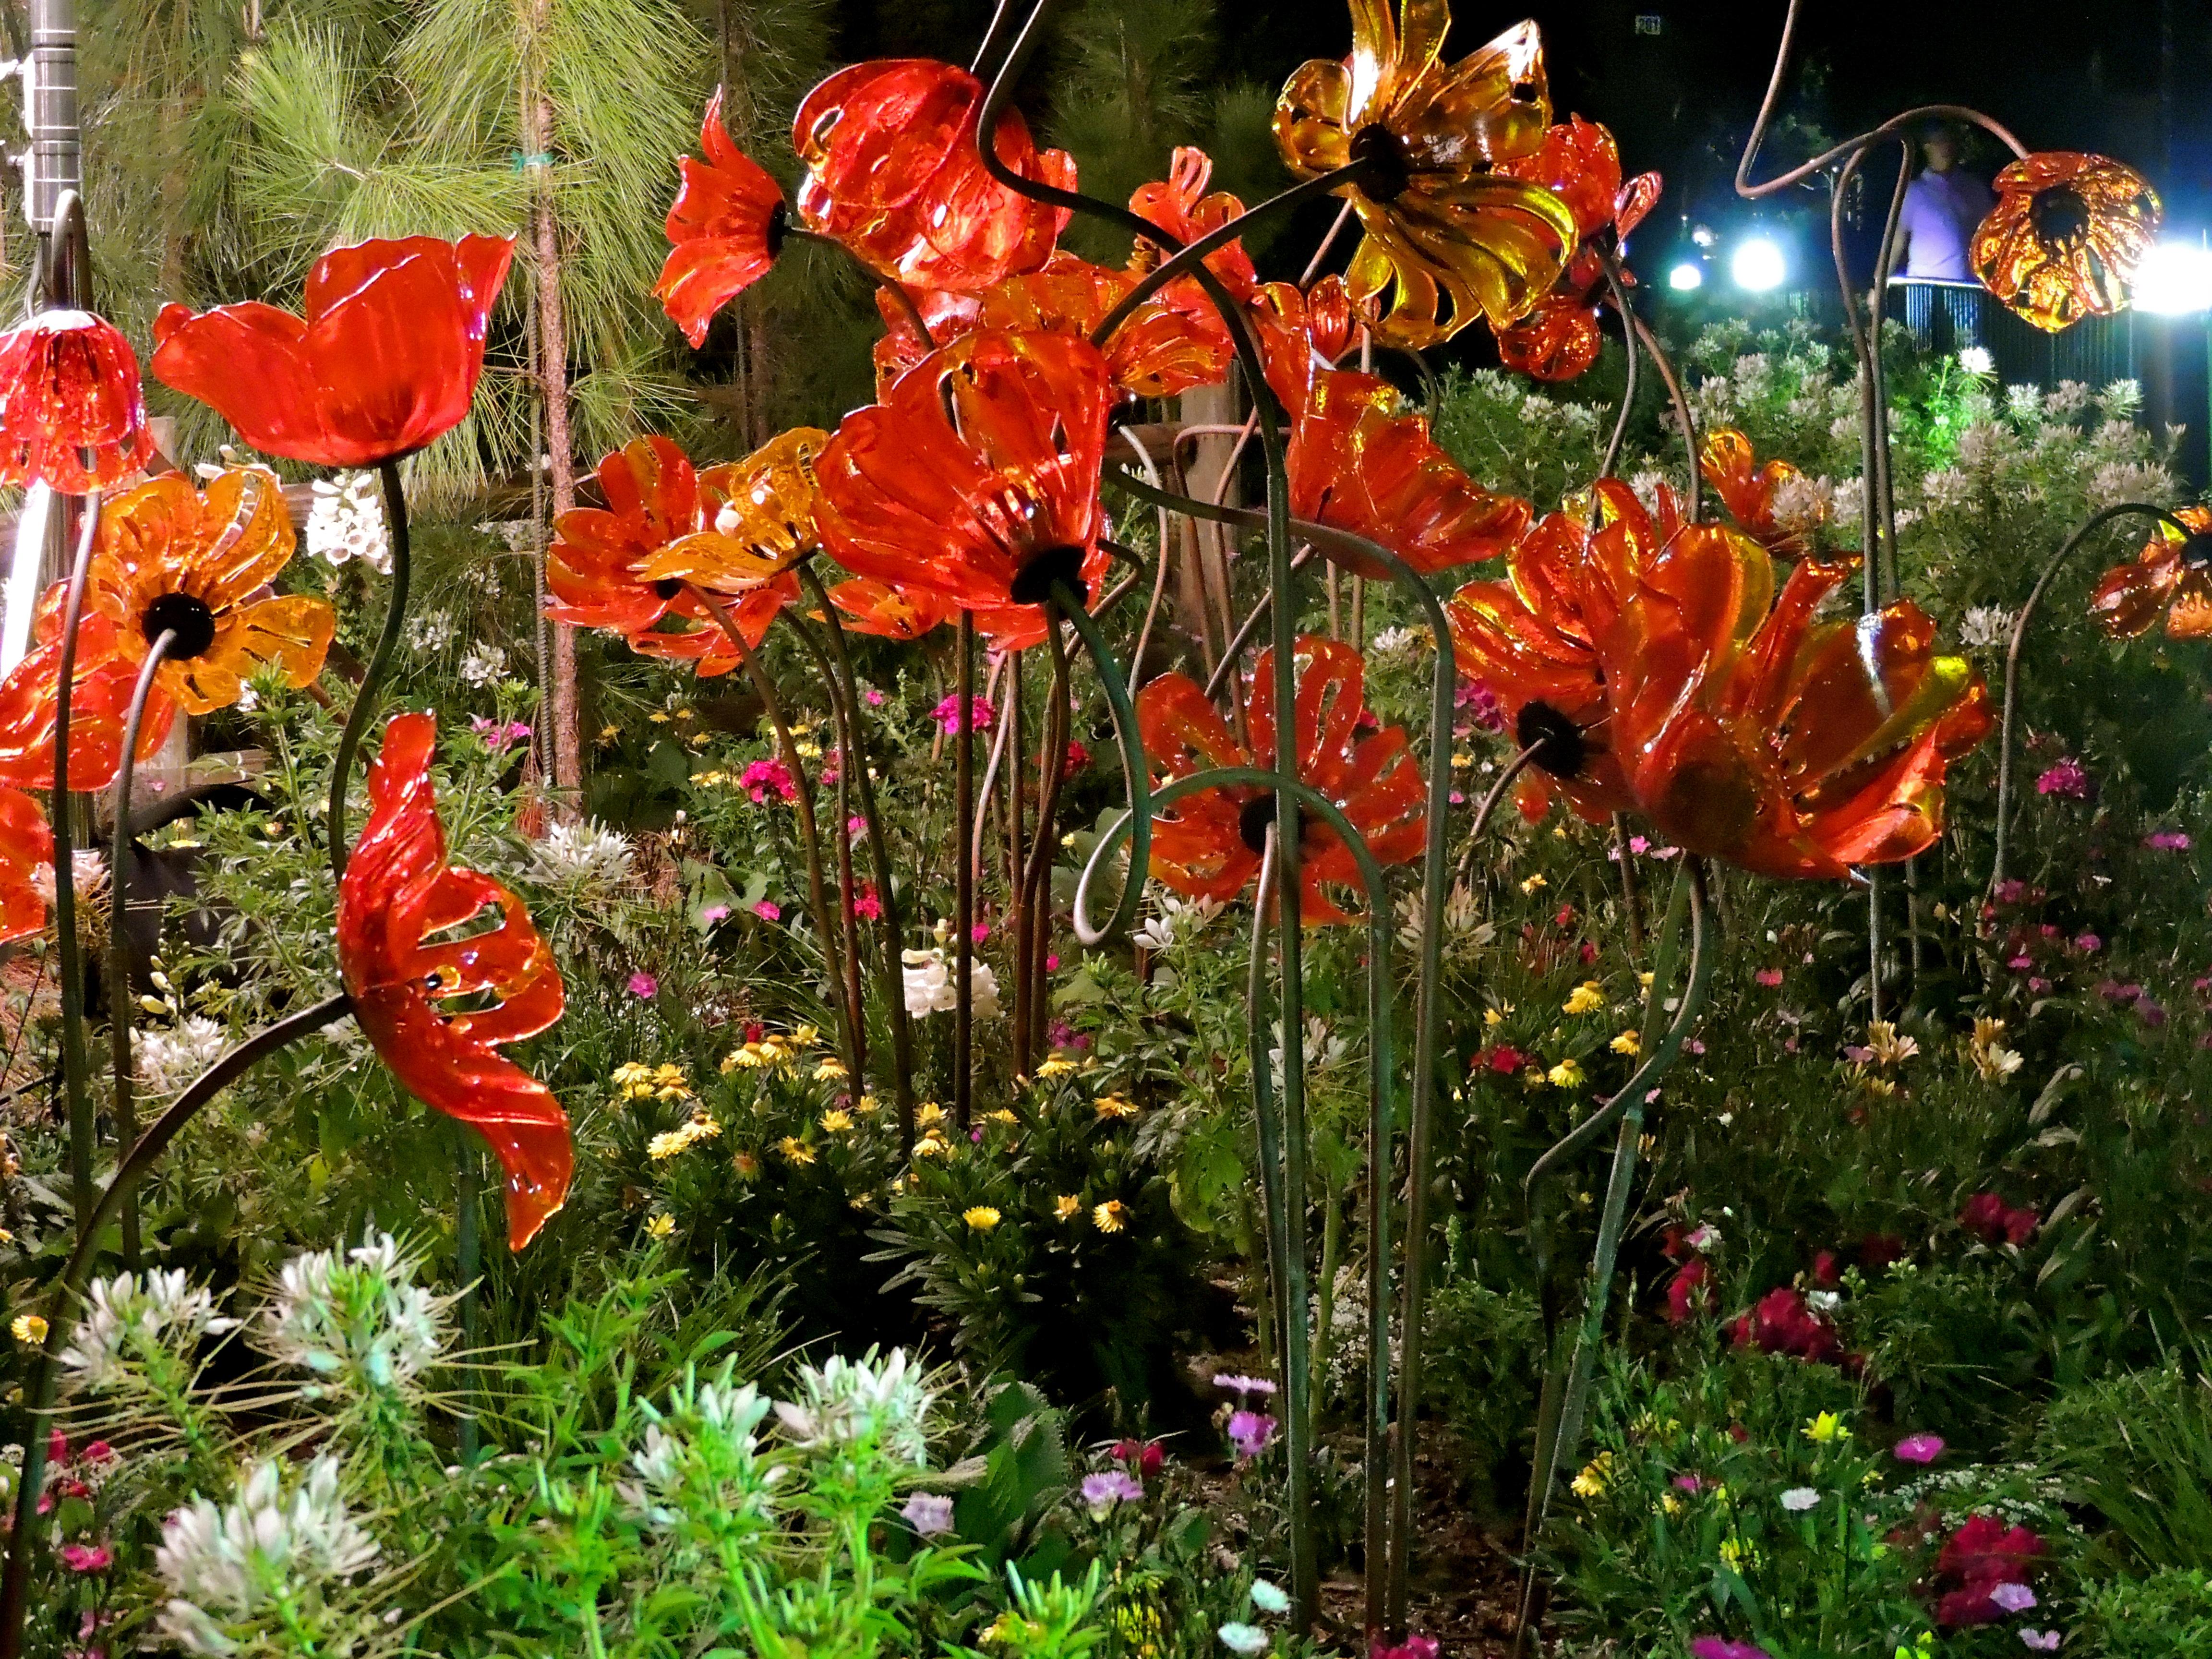 File:Epcot Flower & Garden Festival at night (8552670220).jpg ...